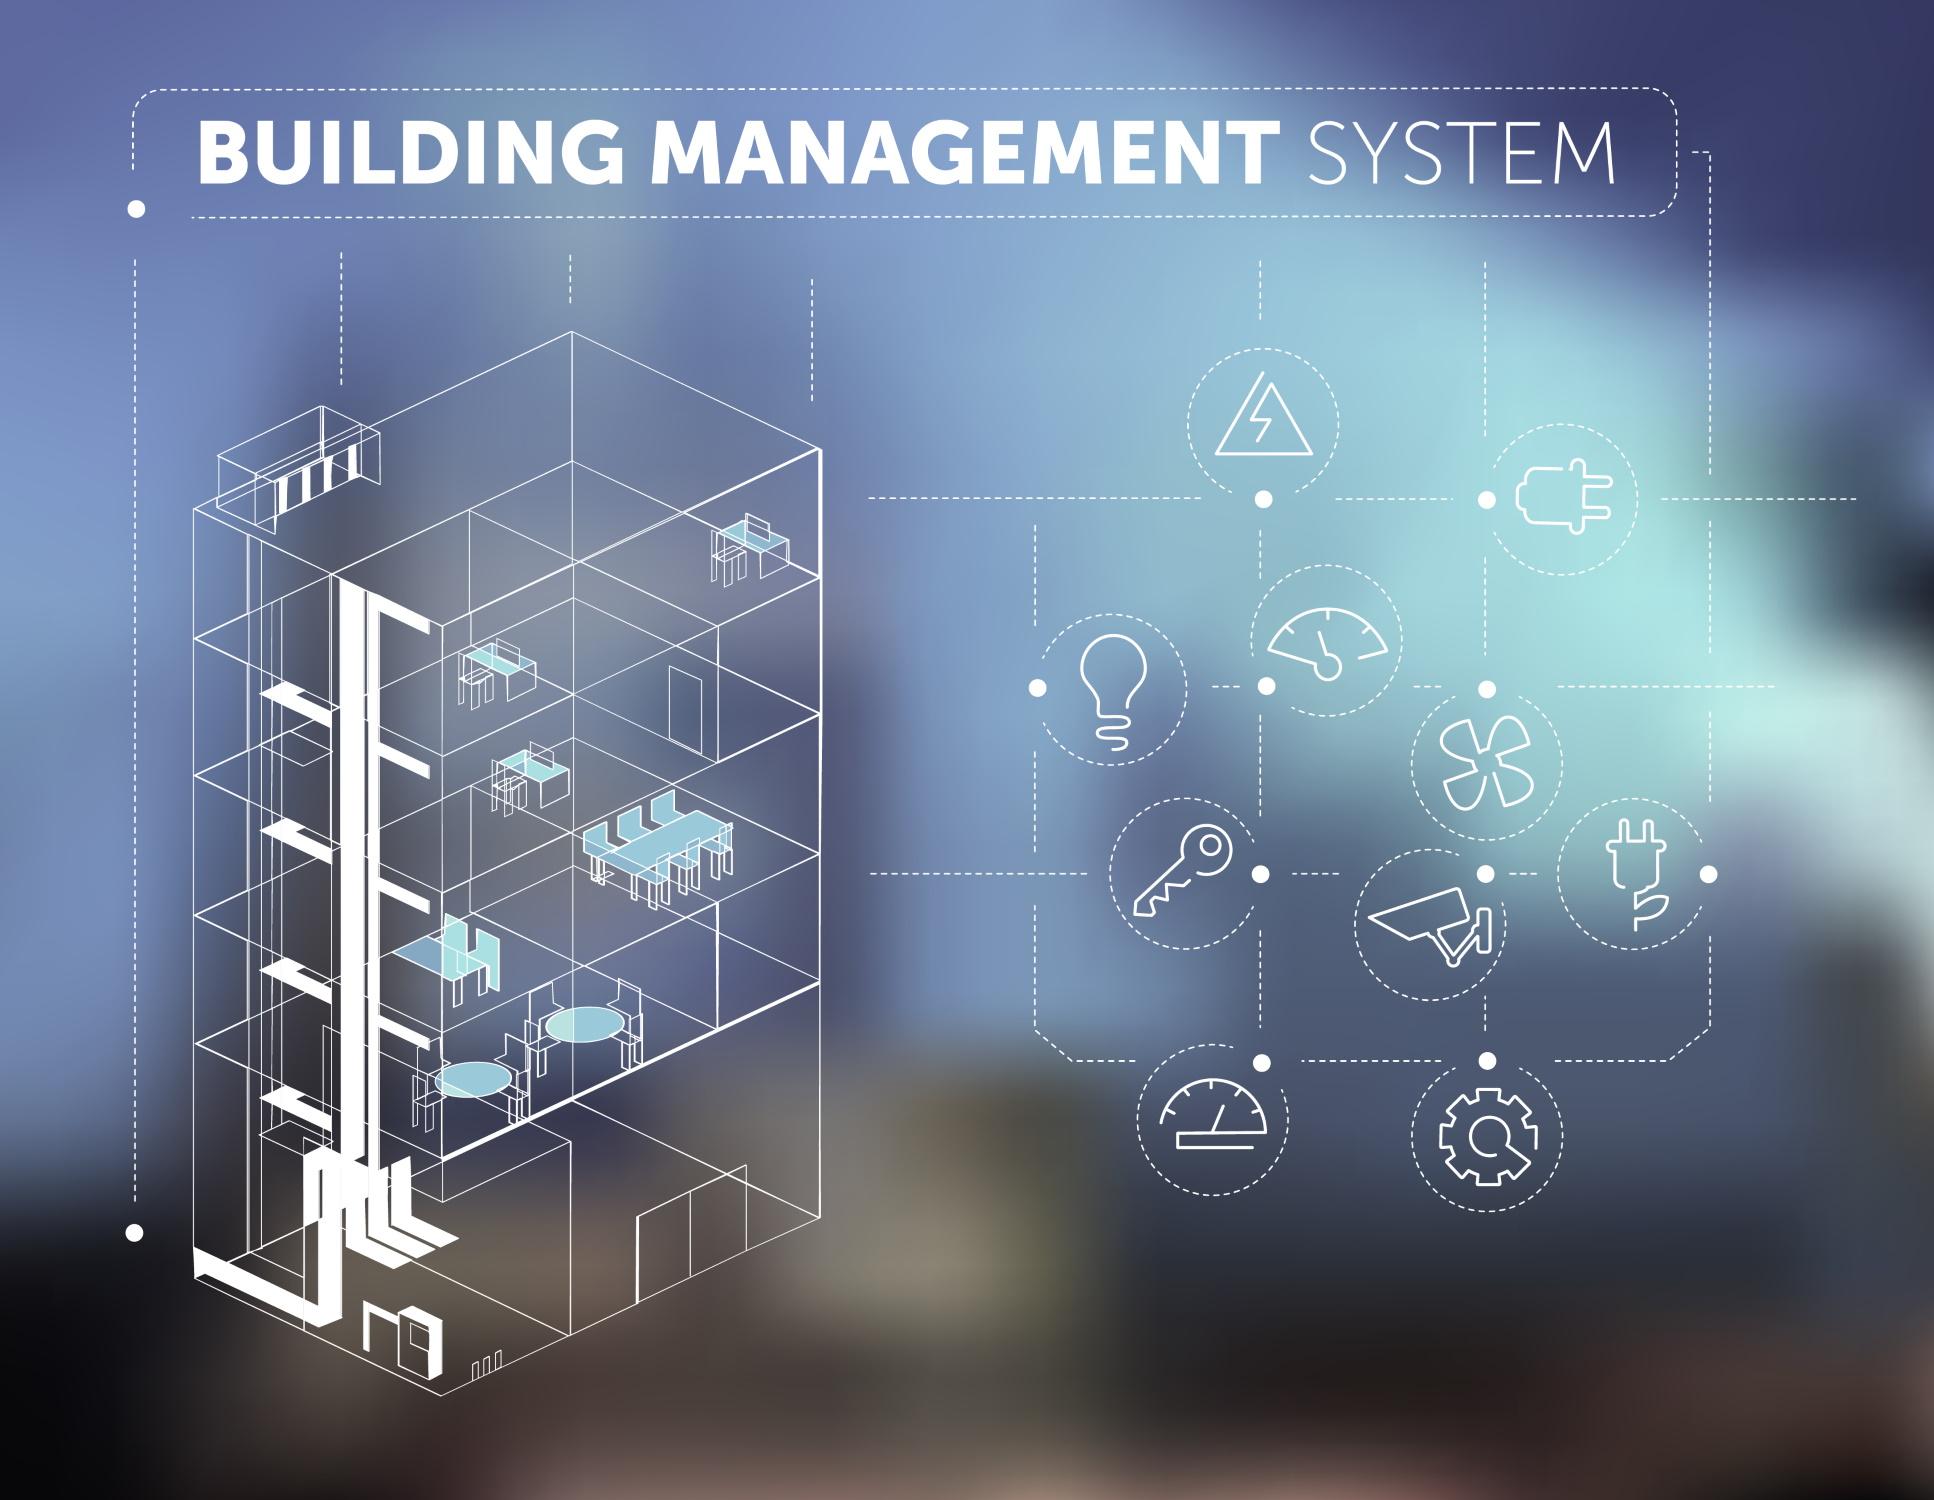 Building Management System Integration